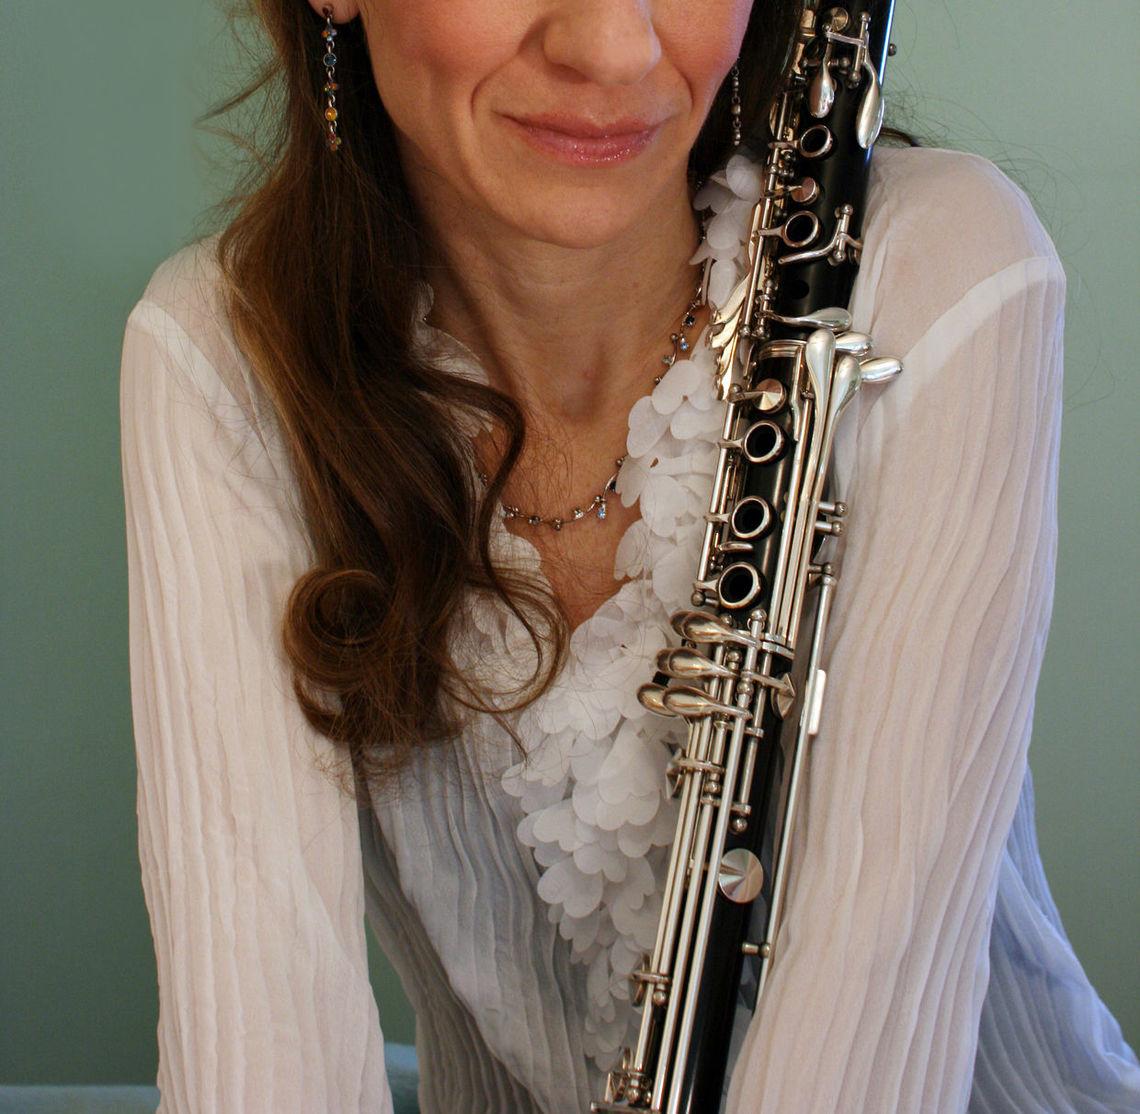 Clarinetist Doris Hall-Gulati